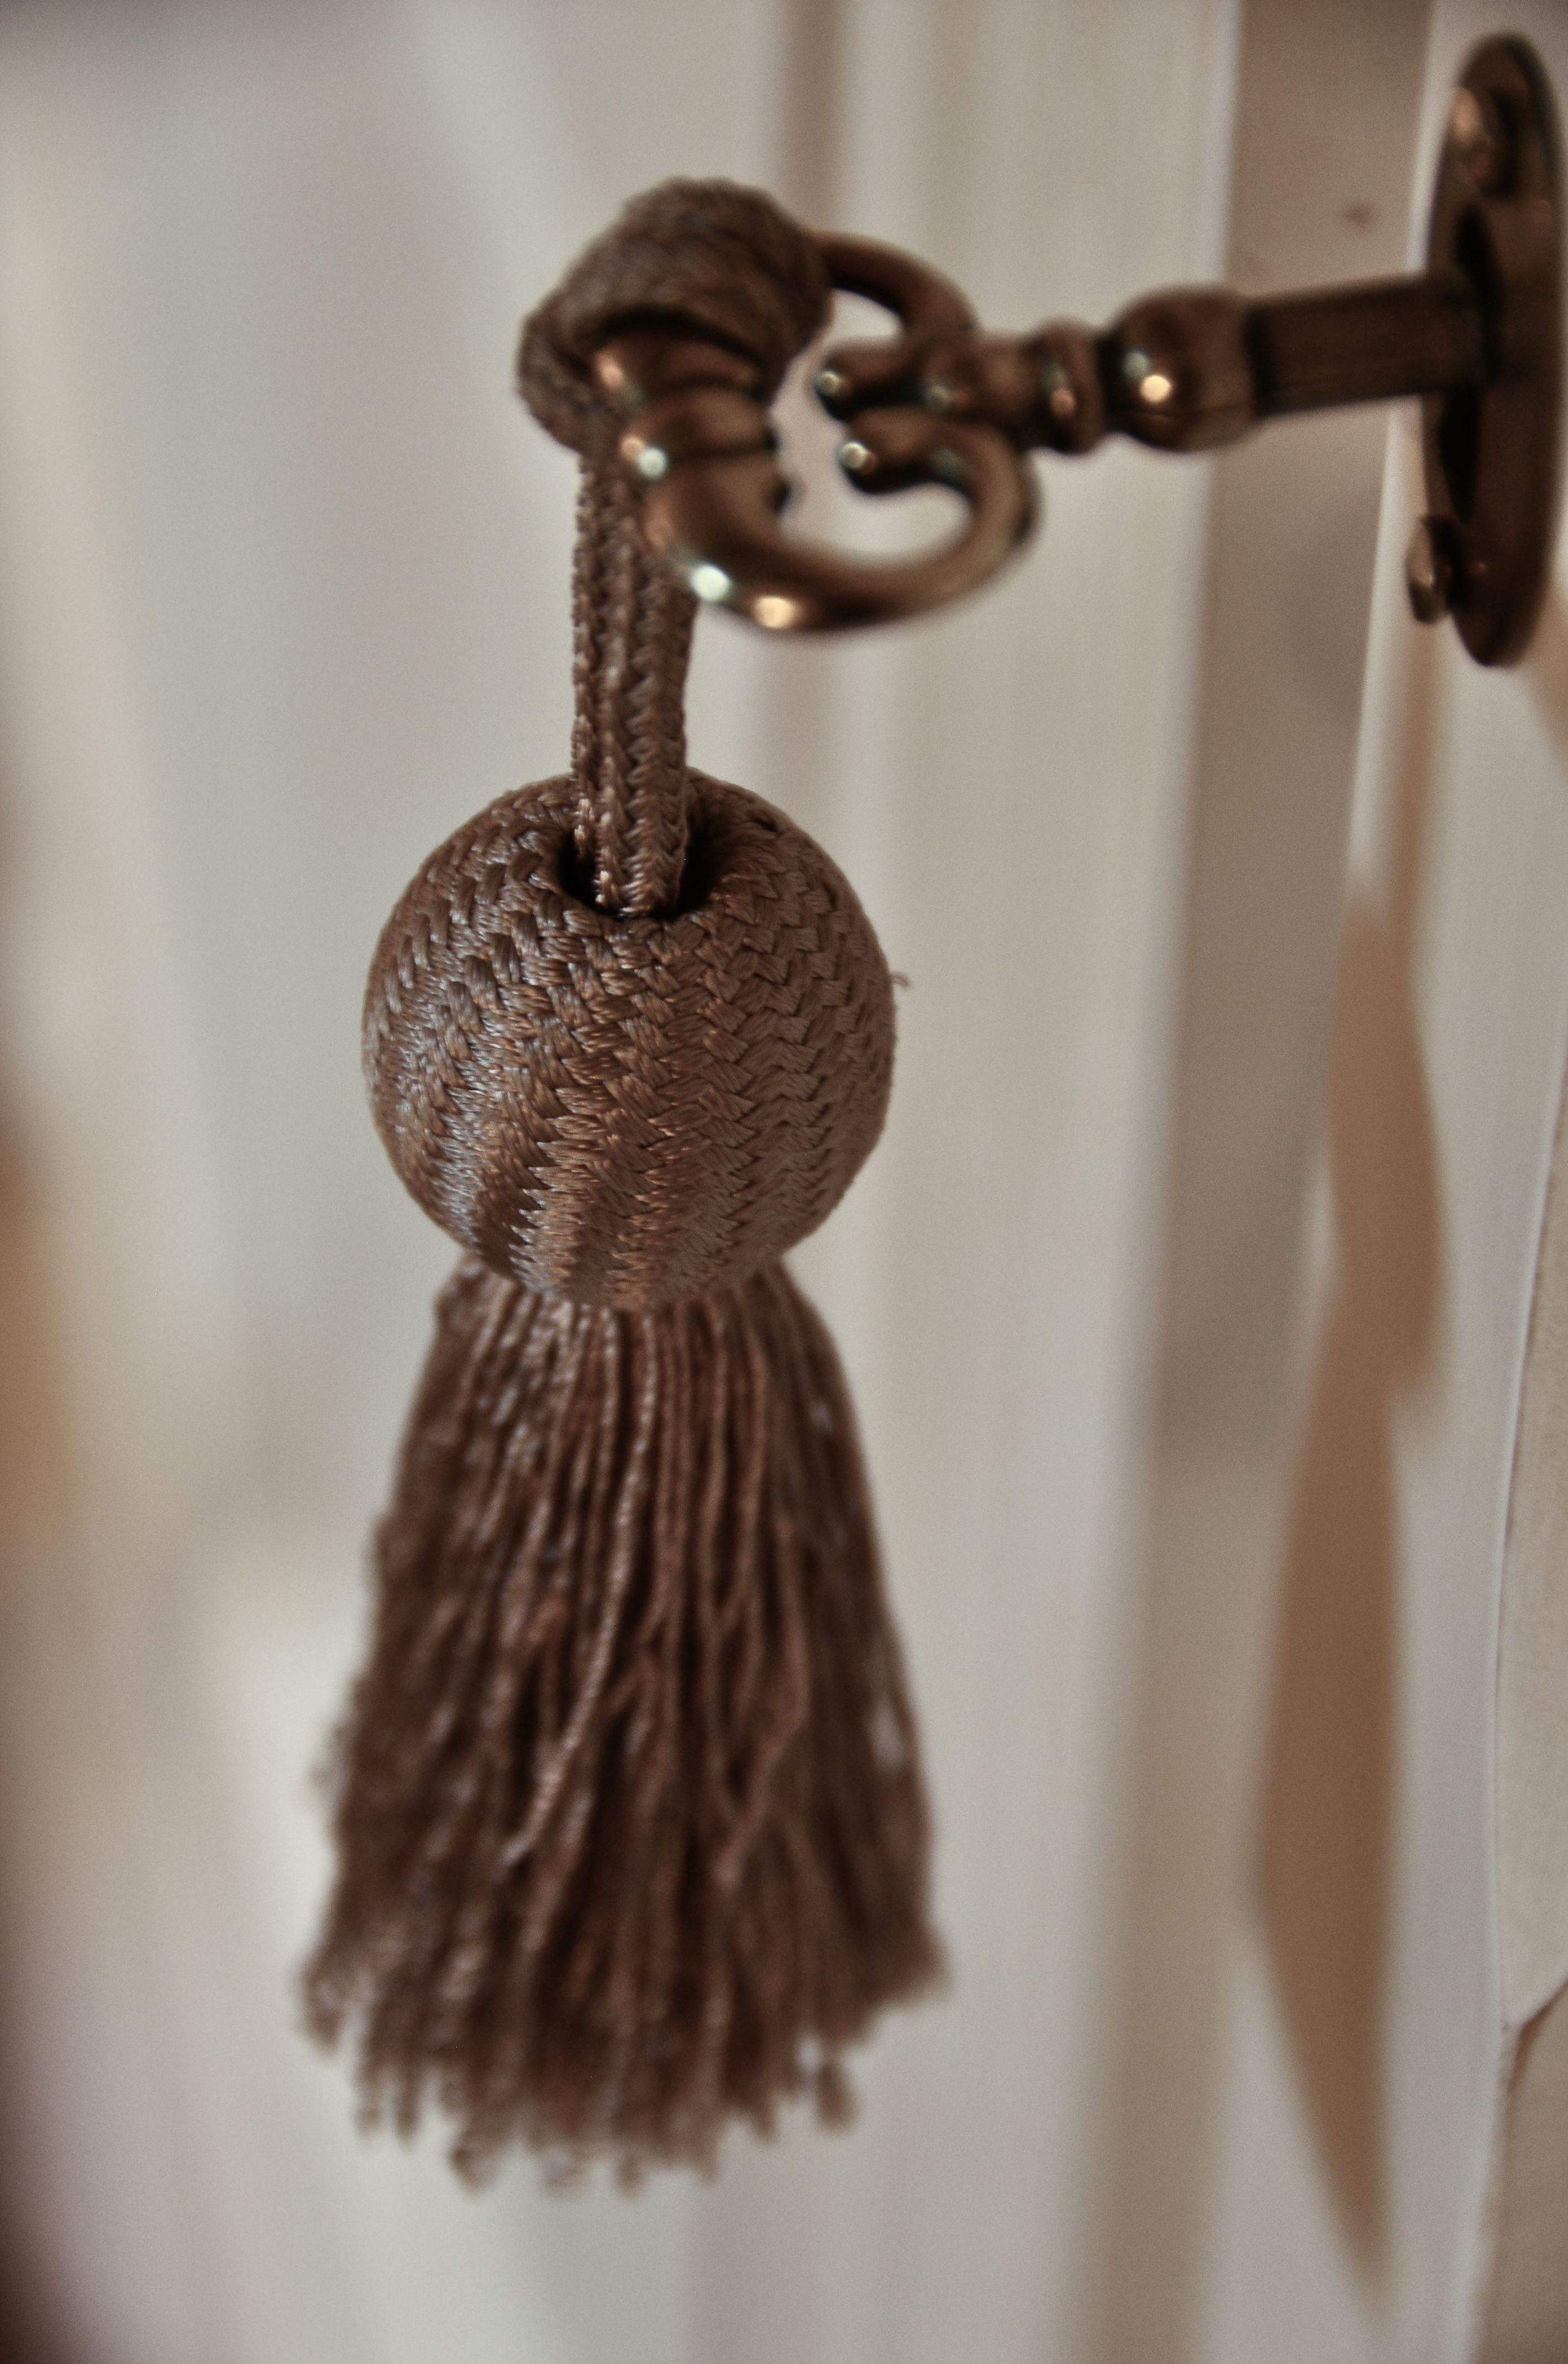 detalle llave armario dormitorio apartamento